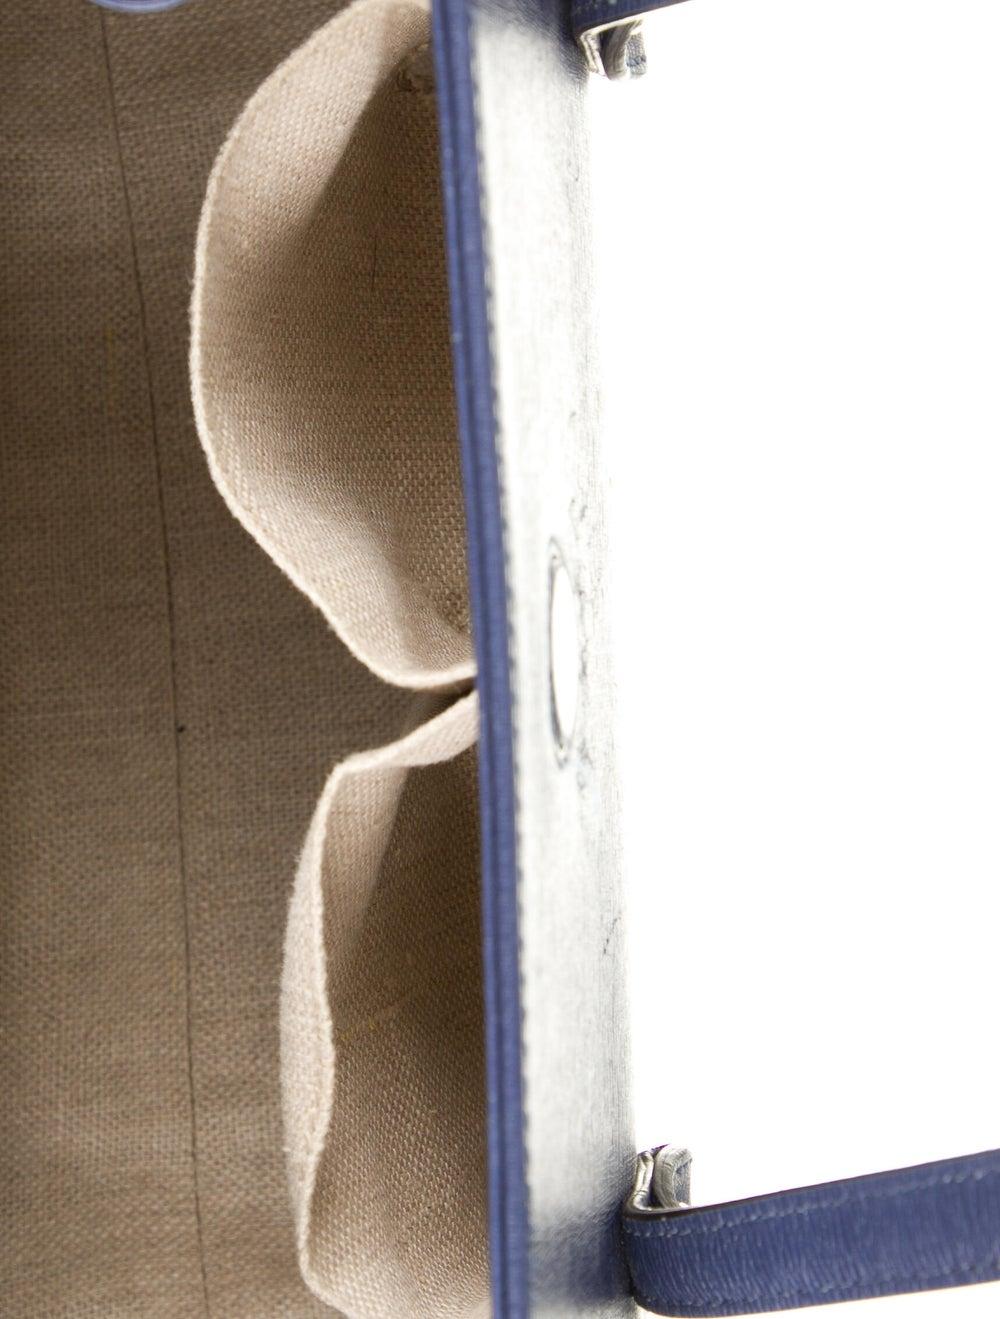 Gucci Leather Bamboo Bullet Shoulder Bag Blue - image 5